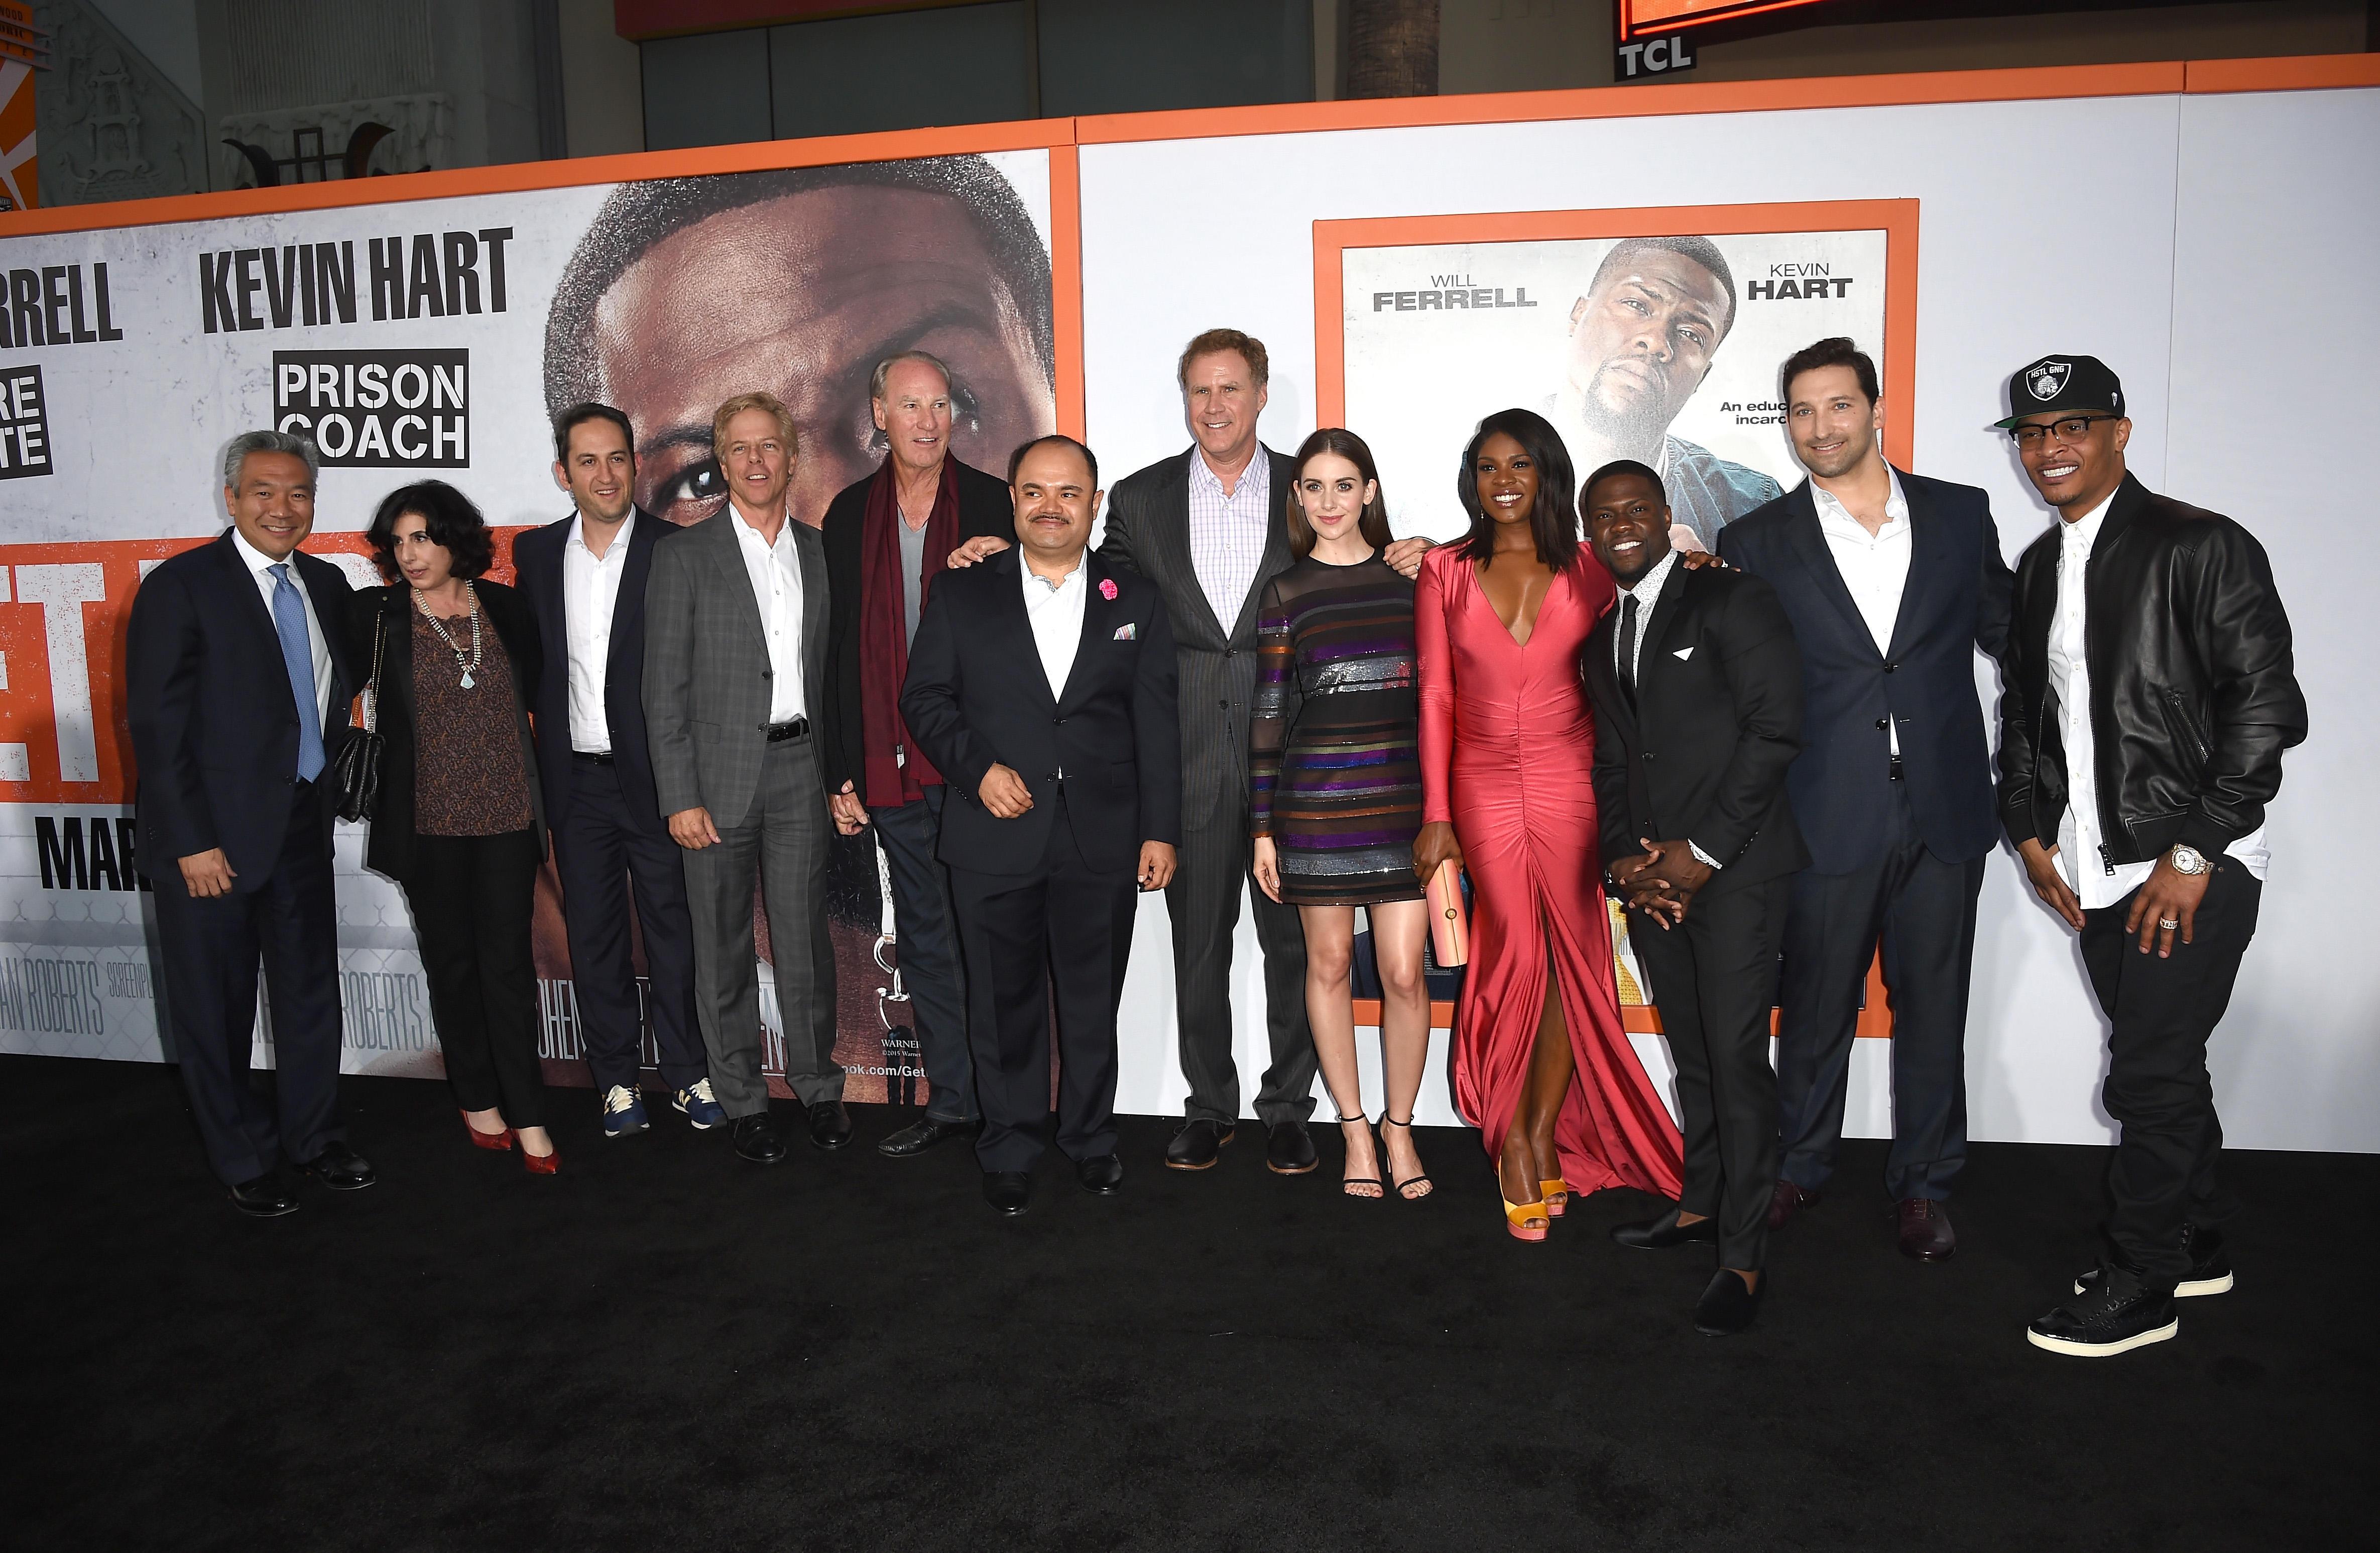 Get Hard movie premiere